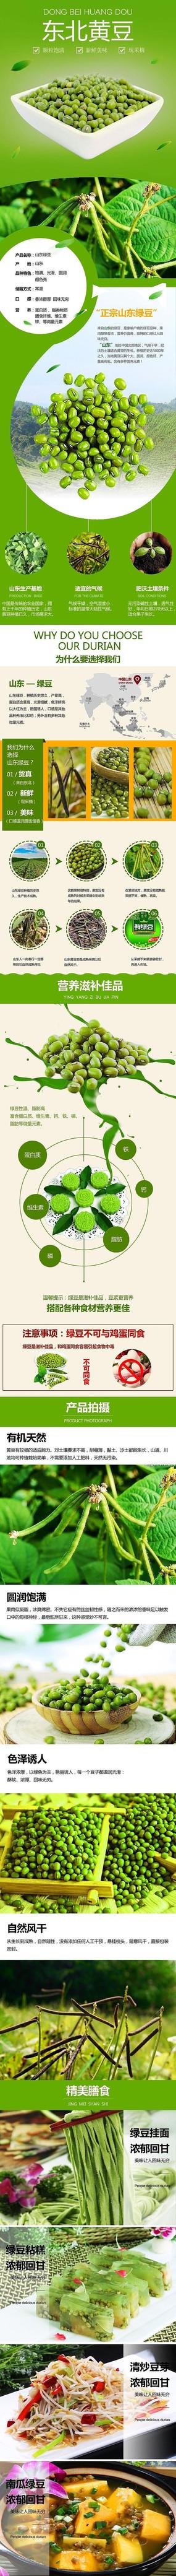 綠豆淘寶寶貝描述詳情頁模板